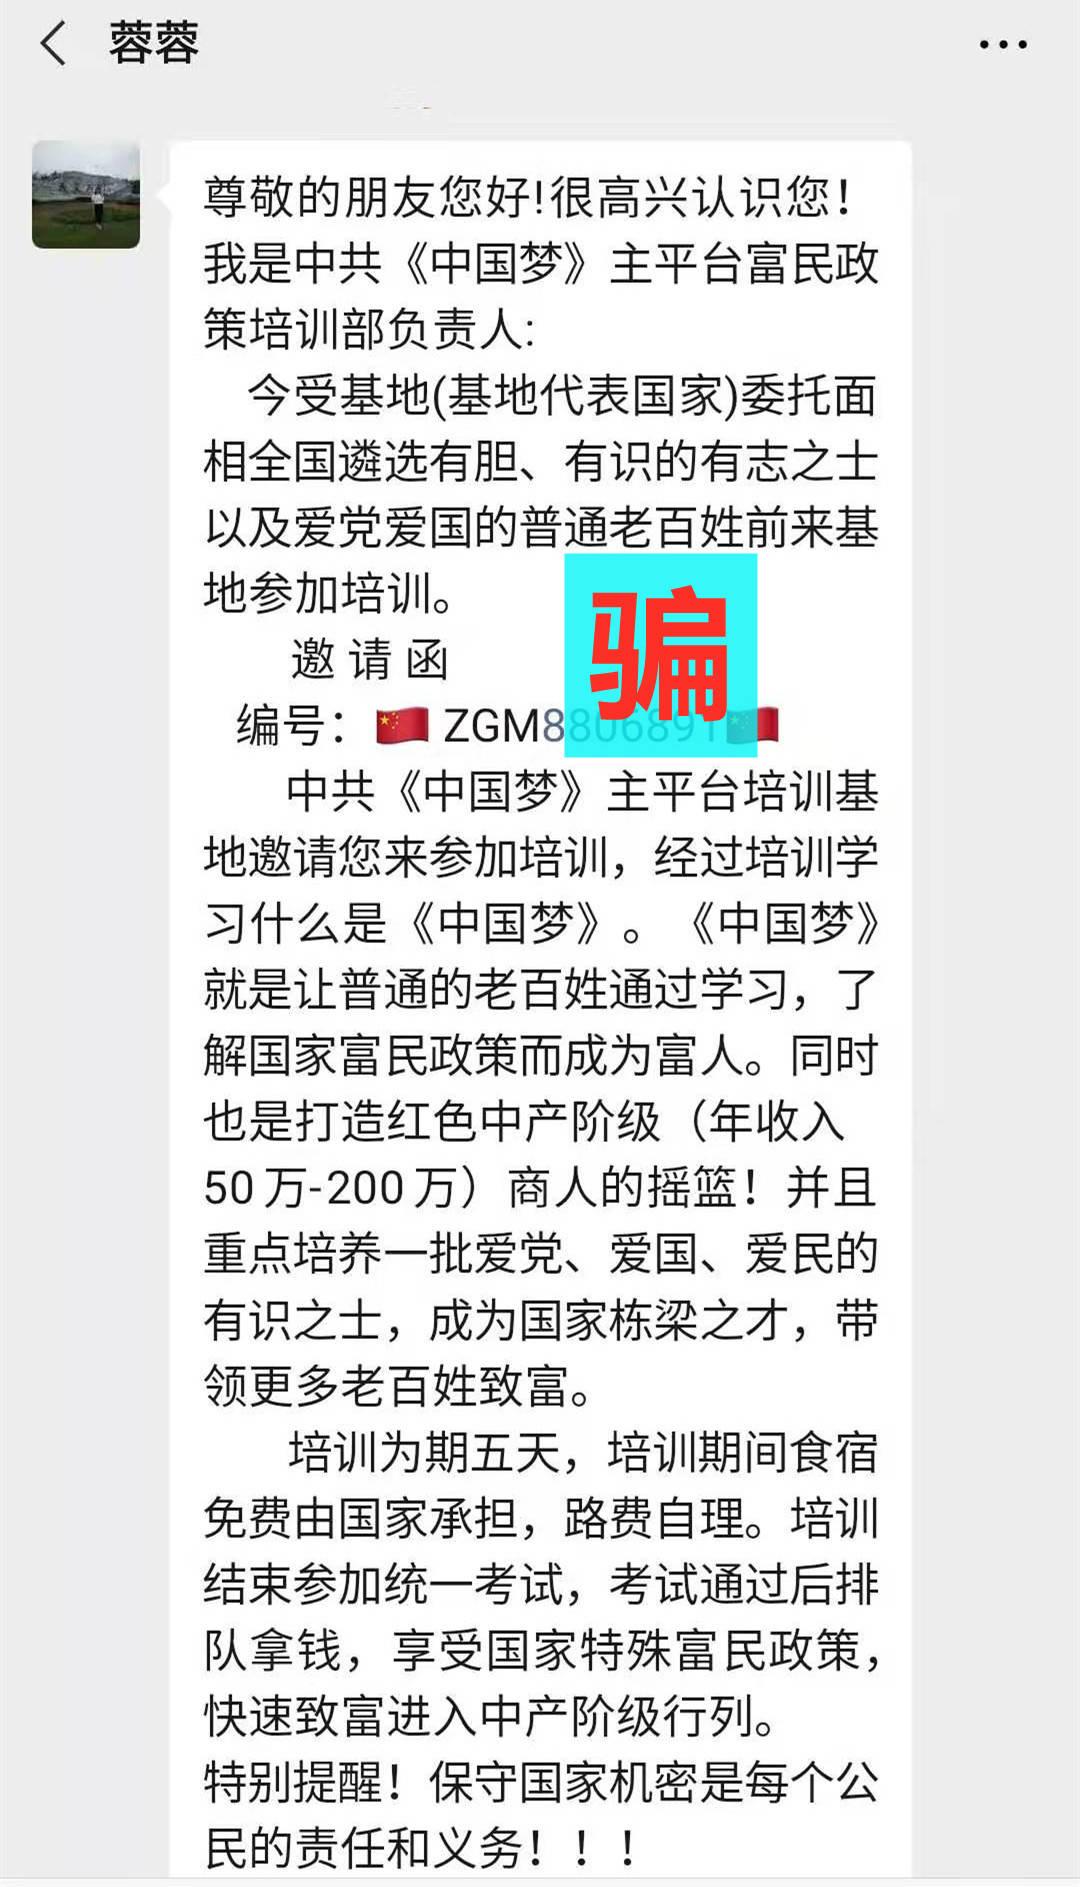 """【警惕】打着""""中国梦""""旗号的传销组织!"""